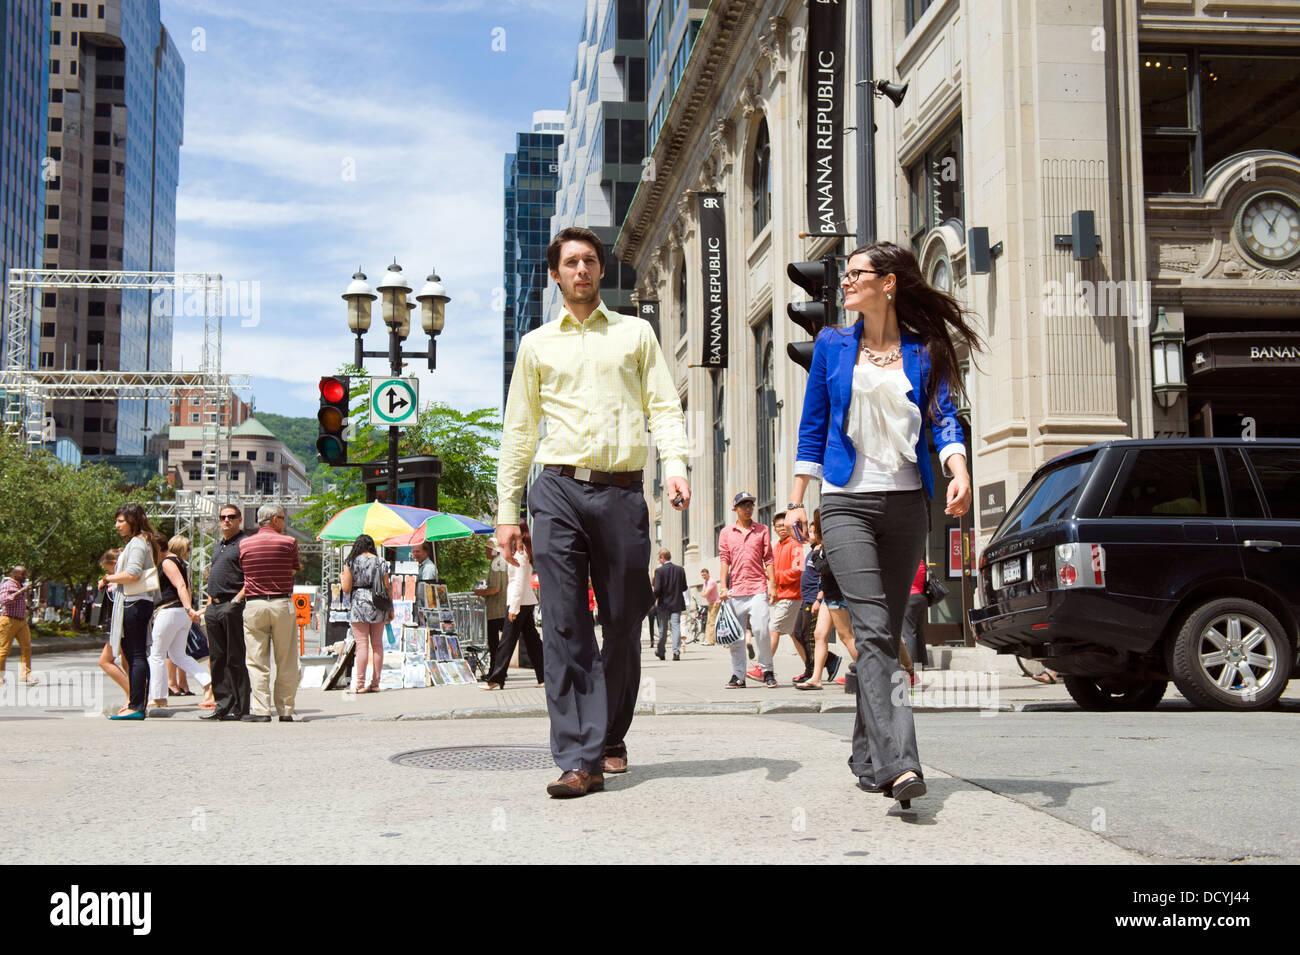 Los peatones cruzando la calle, Montreal, provincia de Quebec, Canadá. Imagen De Stock